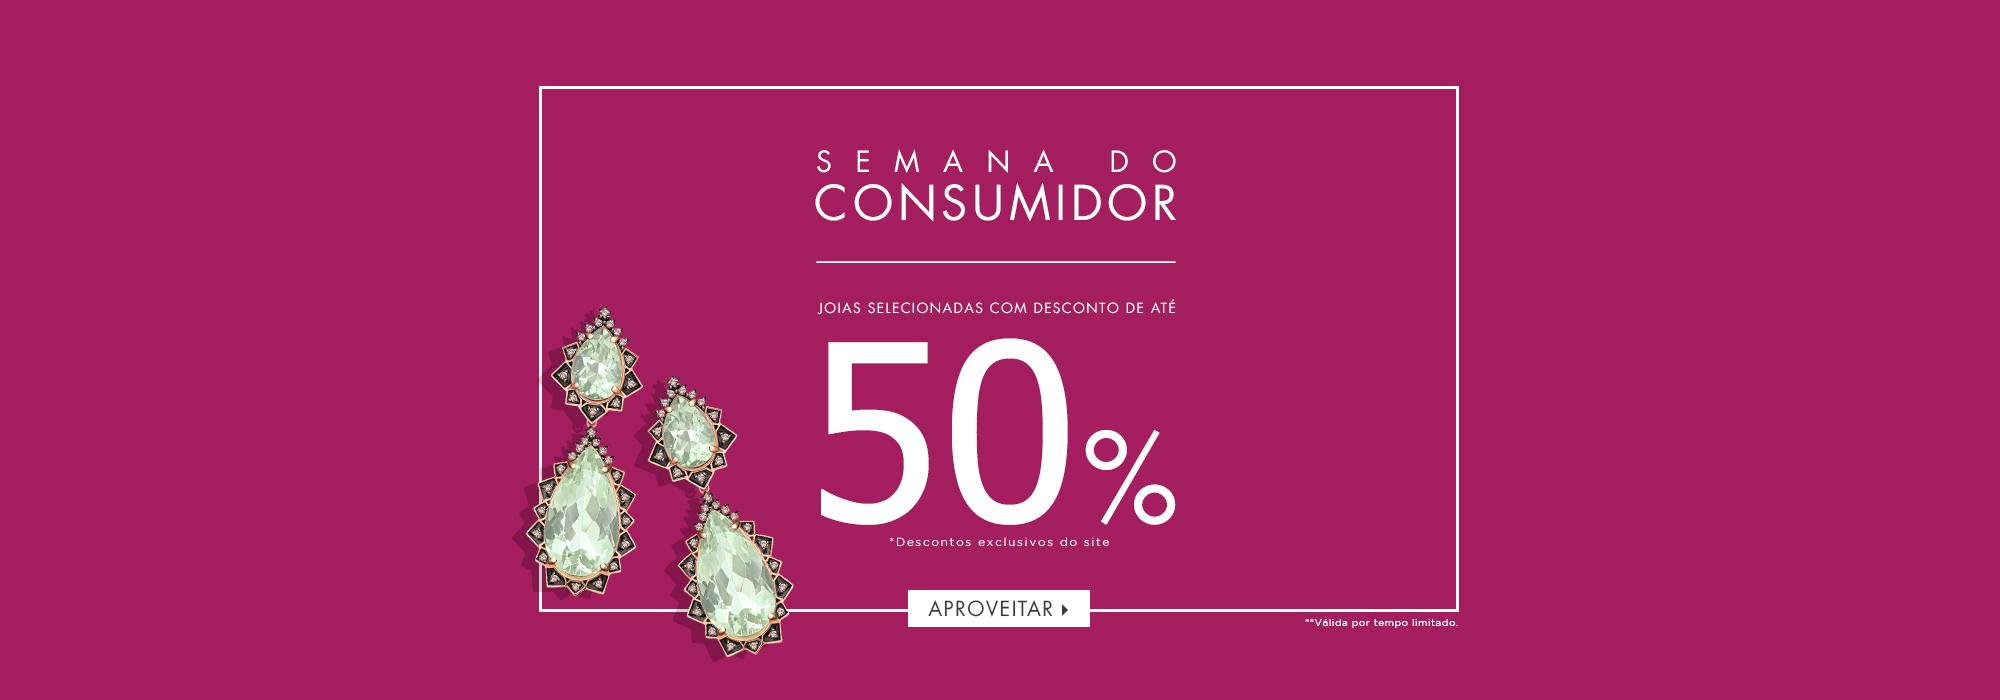 Semana Consumidor